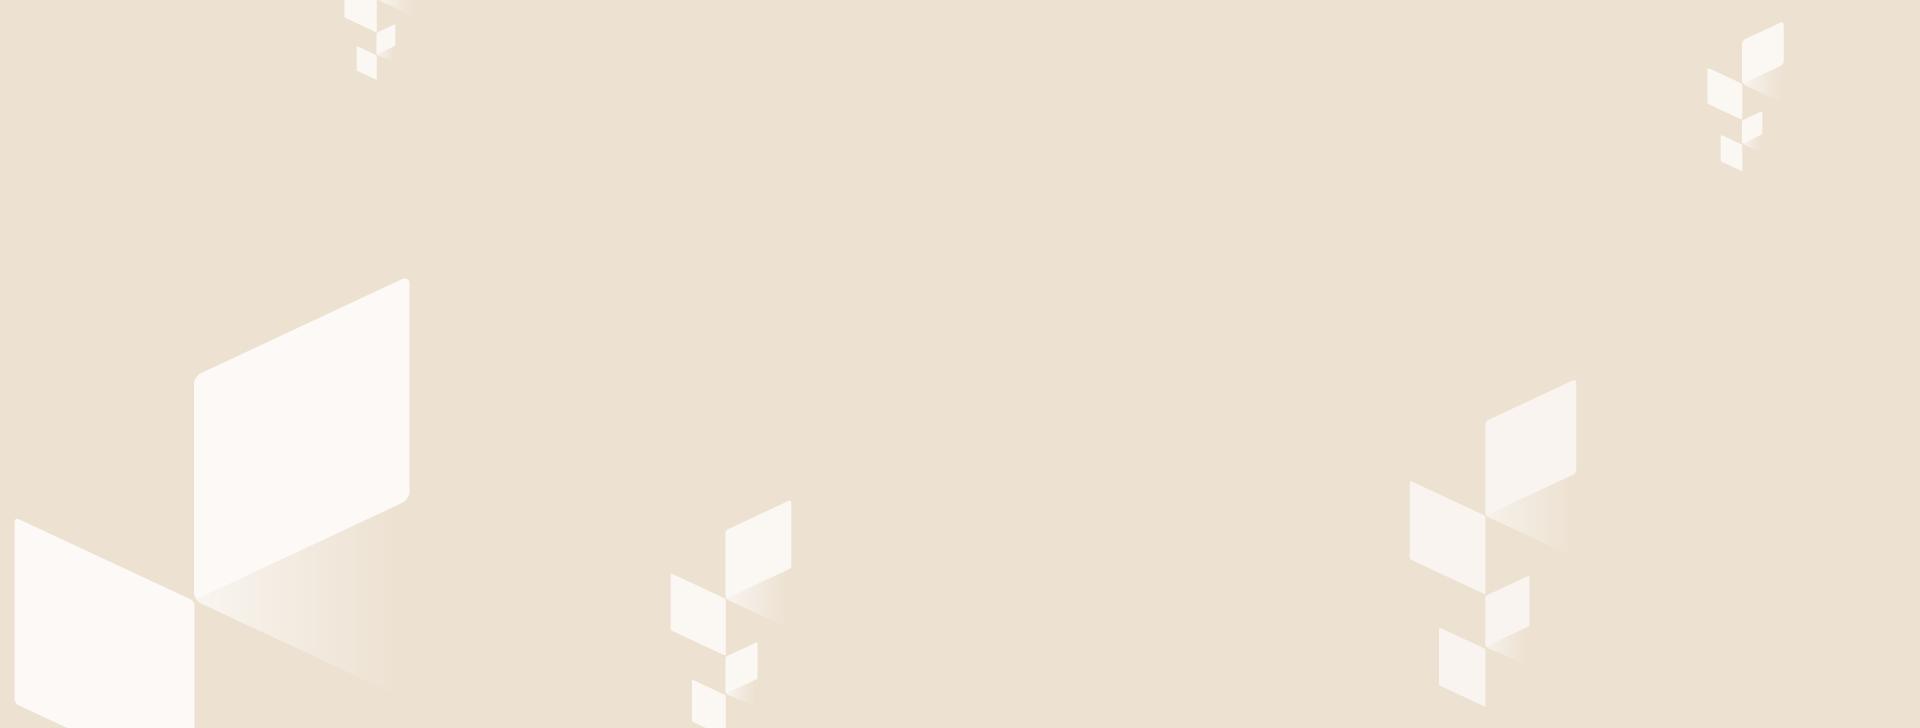 2021_layoutC_Shopify-01.png